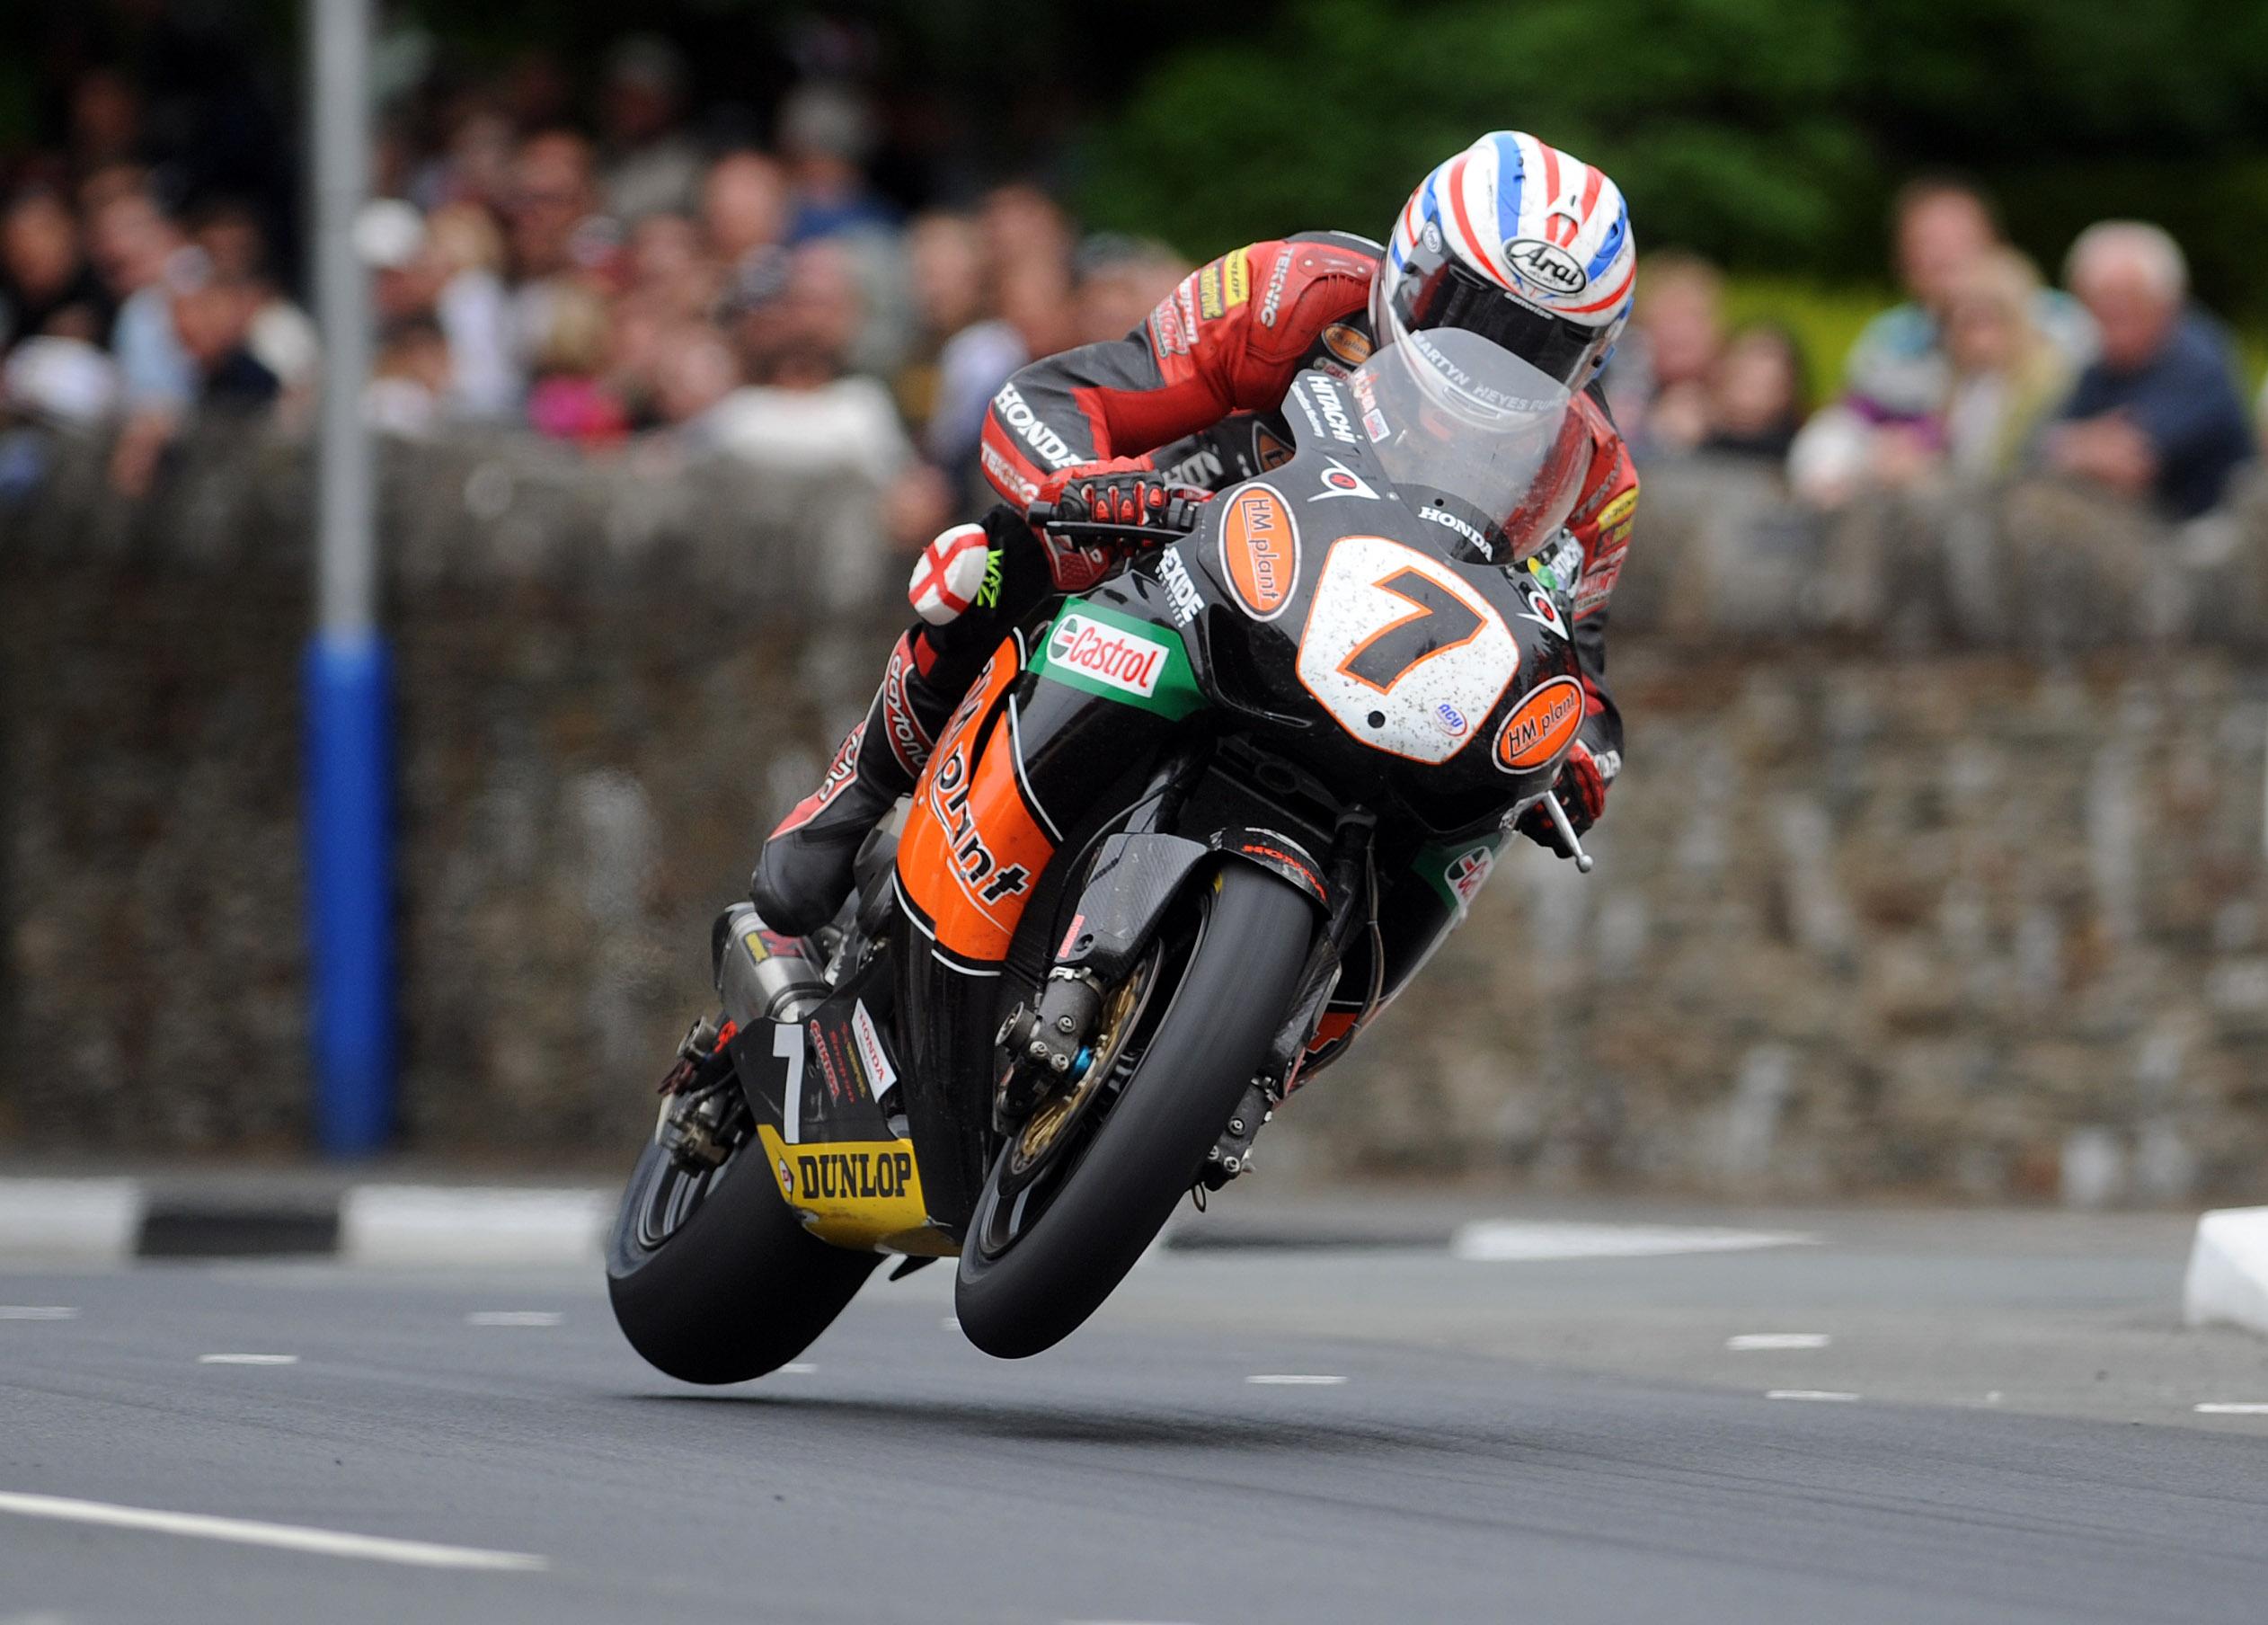 2009 Senior TT